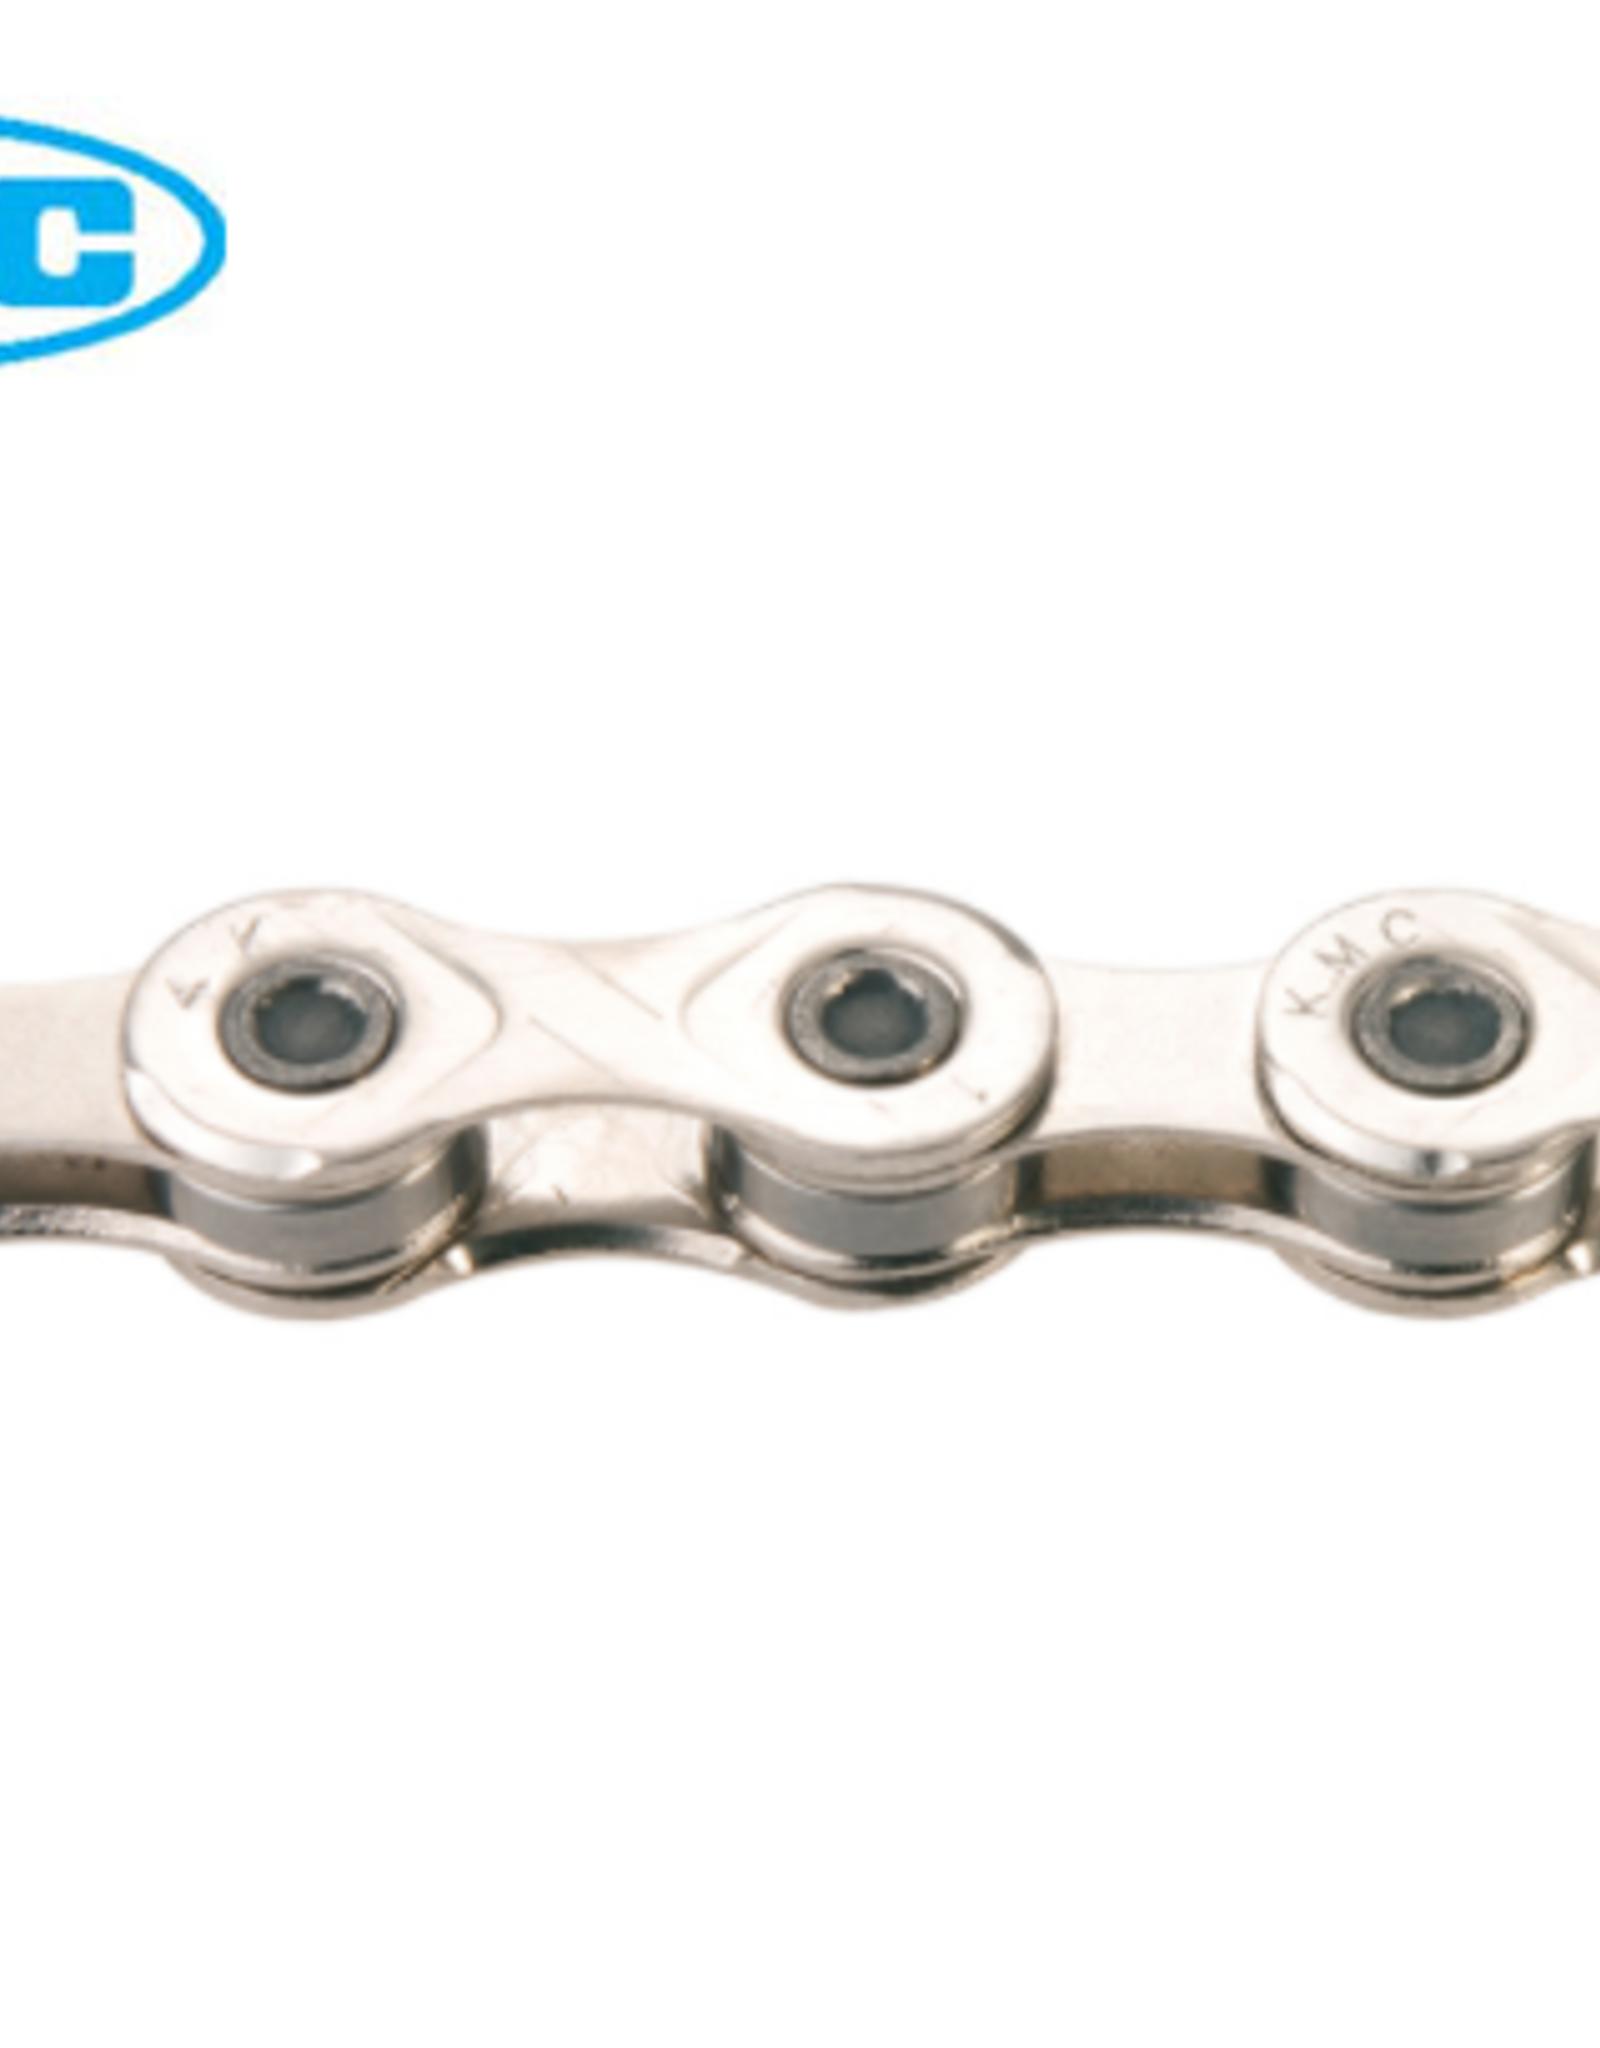 KMC KMC E11 Chain 122L - Silver